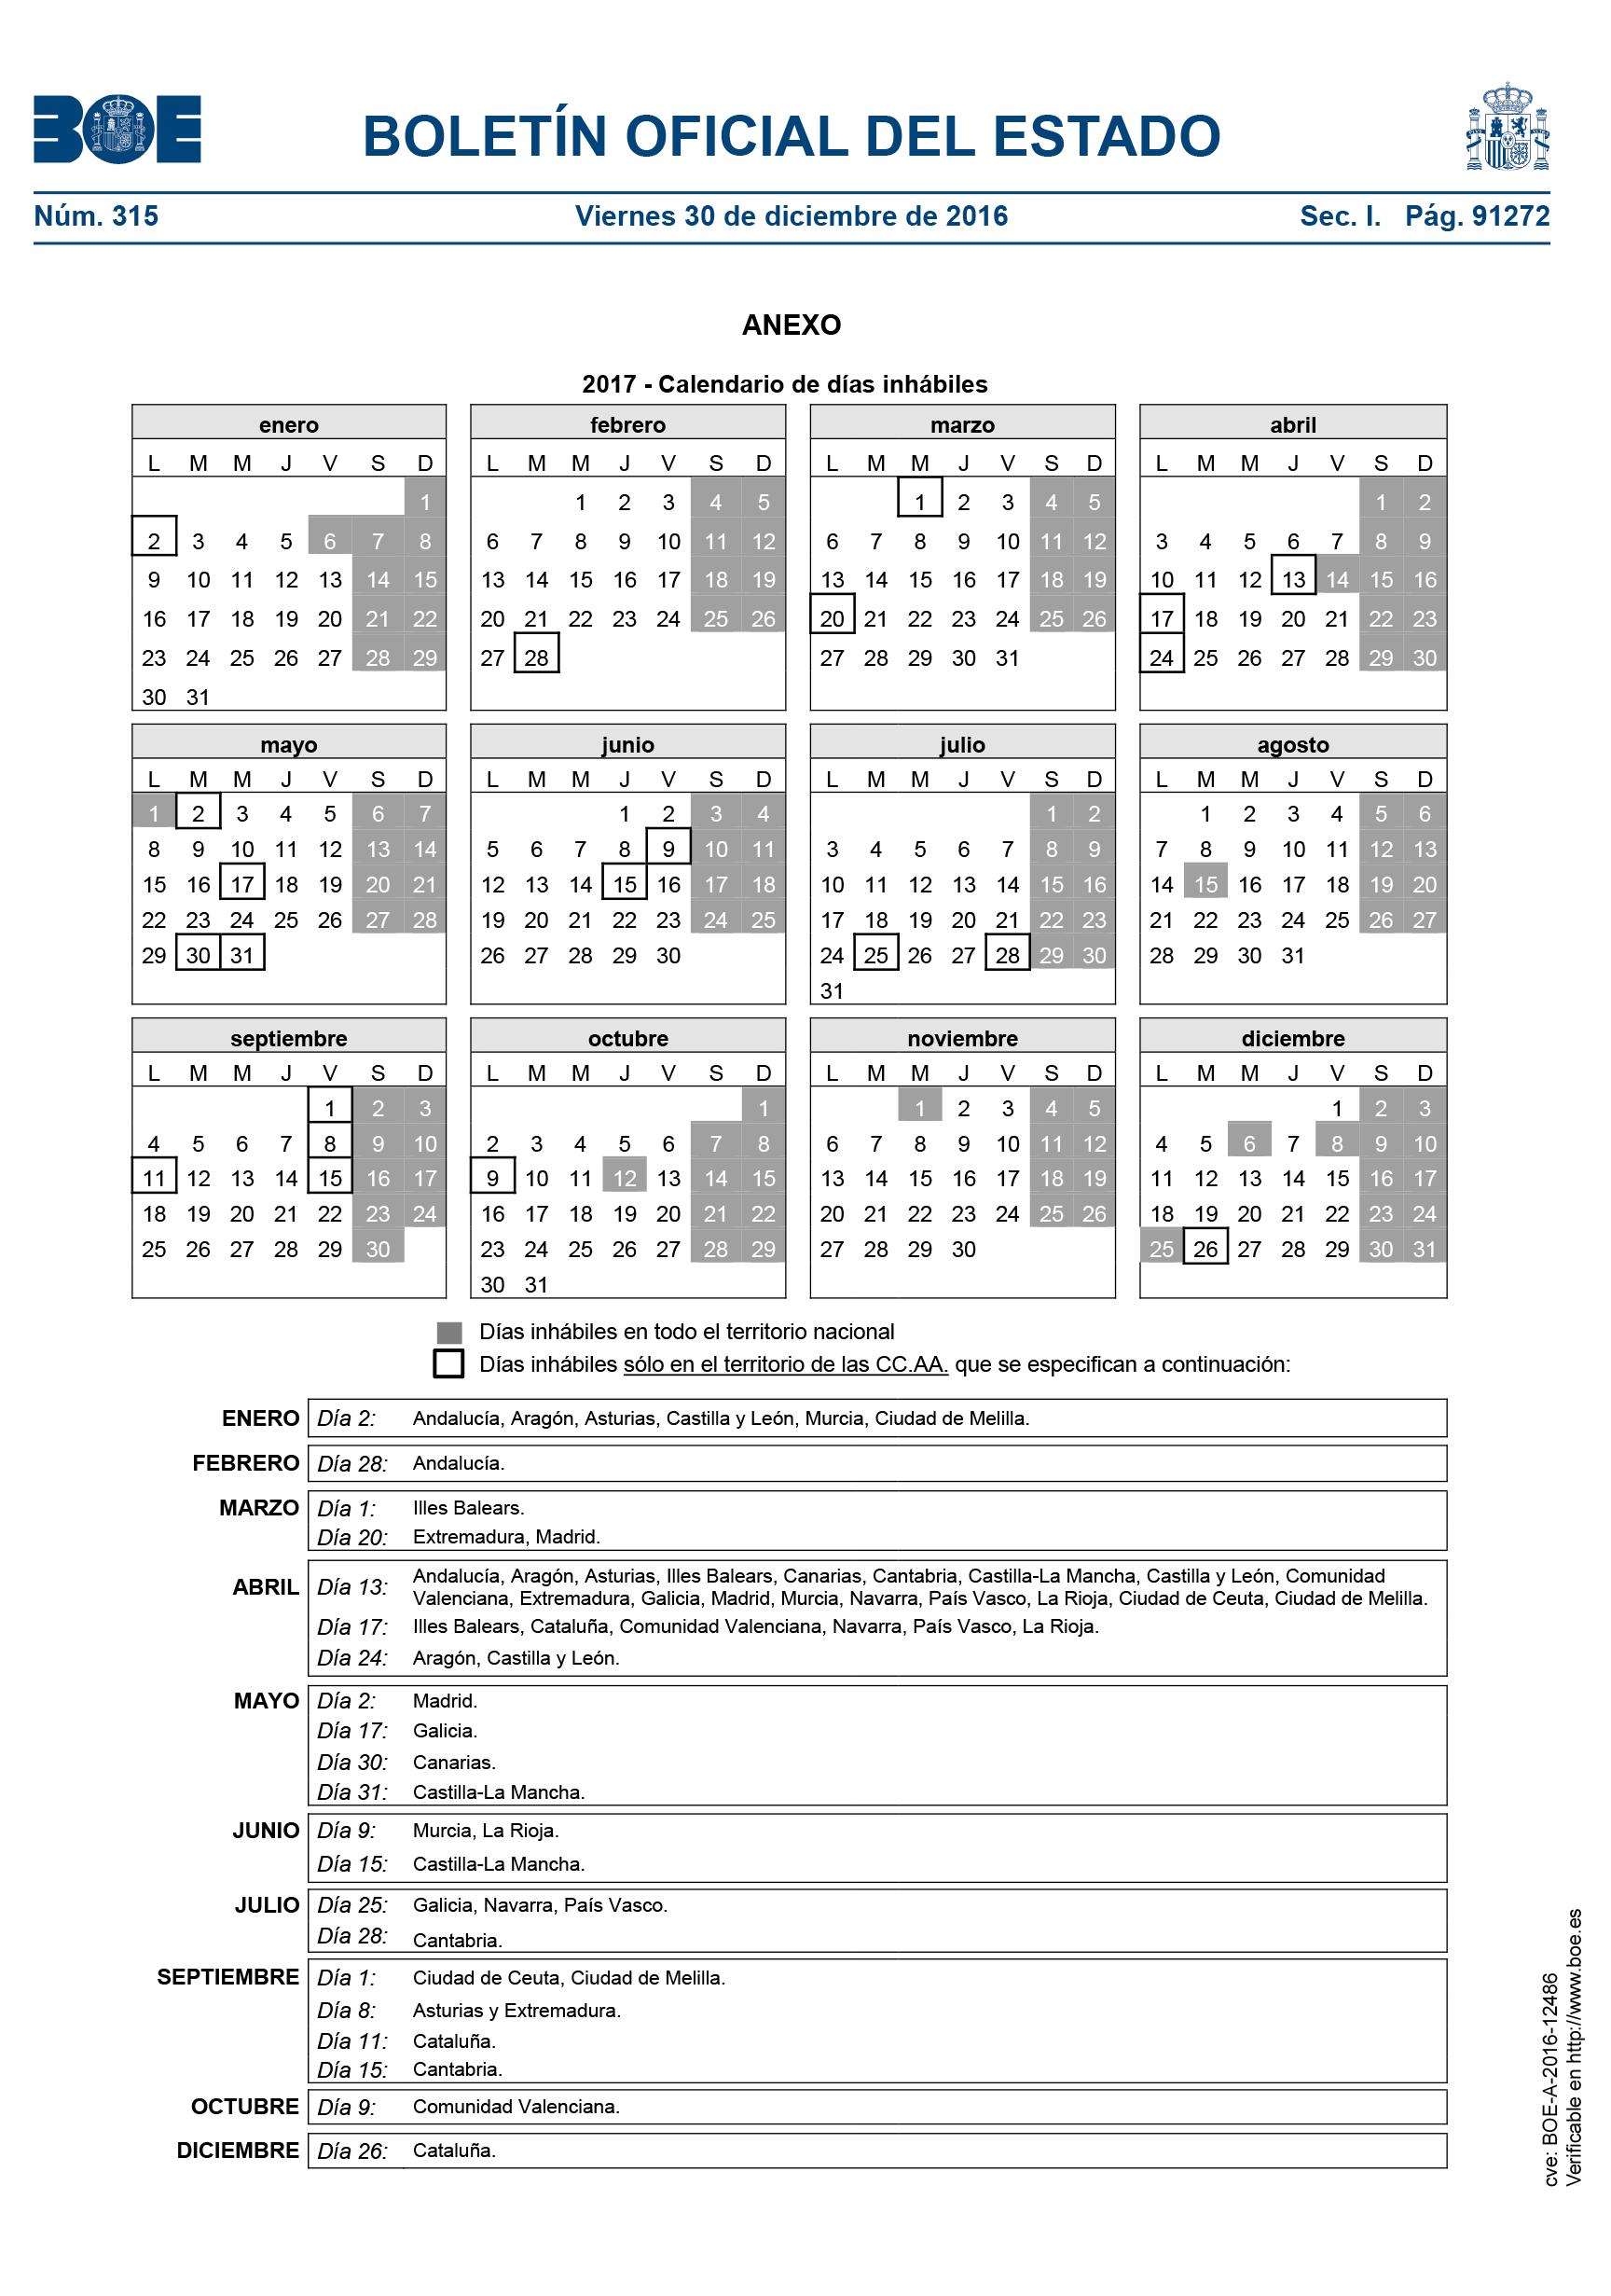 Boe Calendario.Calendario Laboral Y Dias Inhabiles 2016 Espana